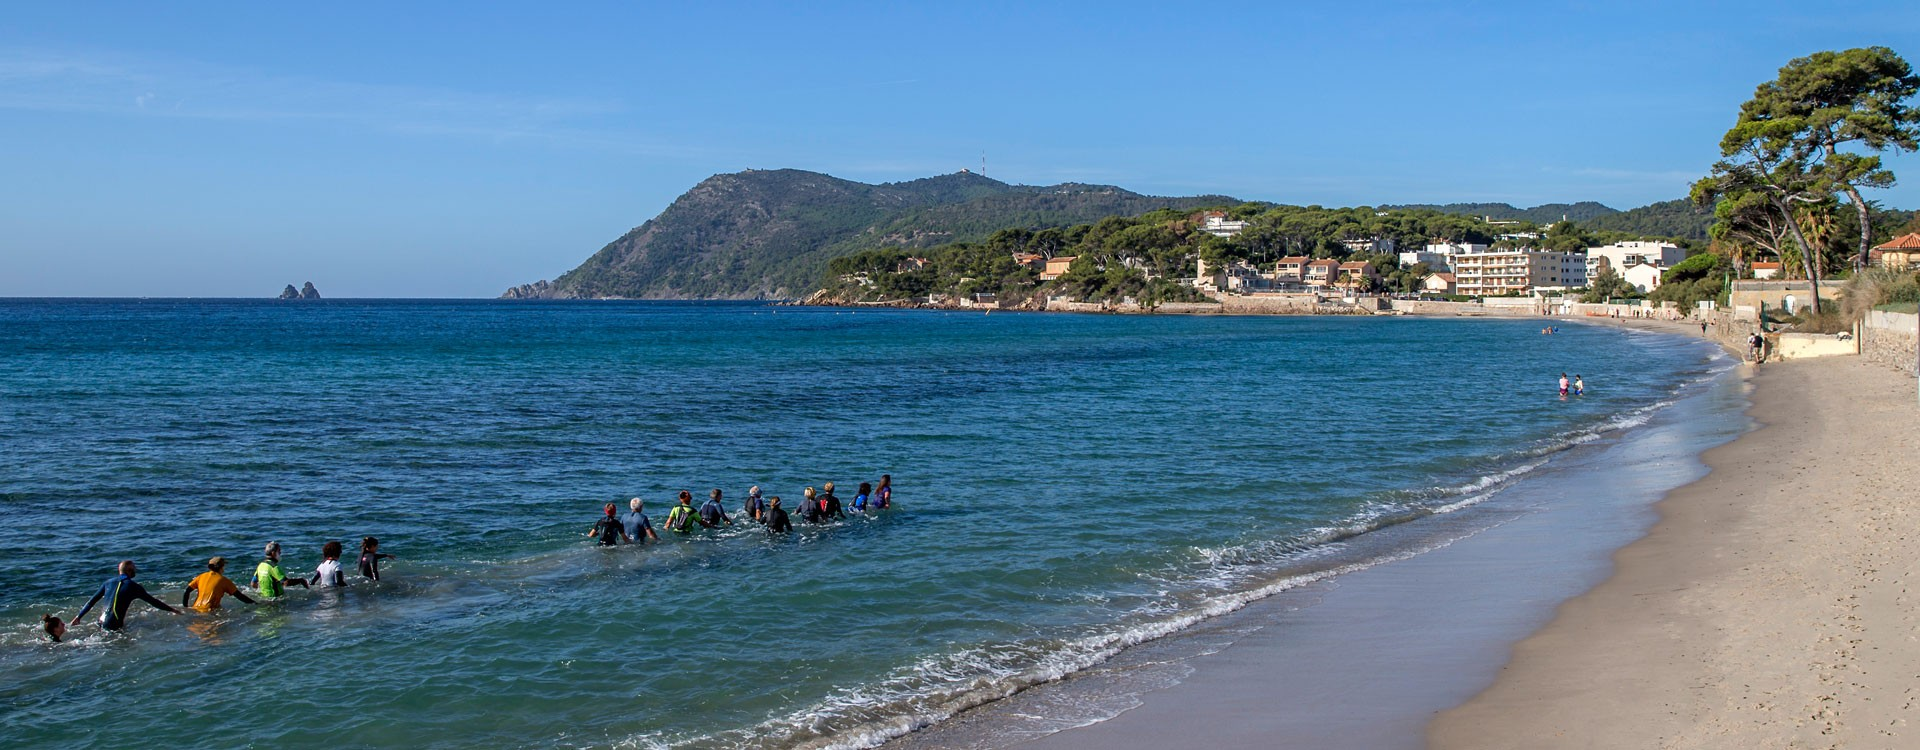 Marche cotière sur la plage des Sablettes